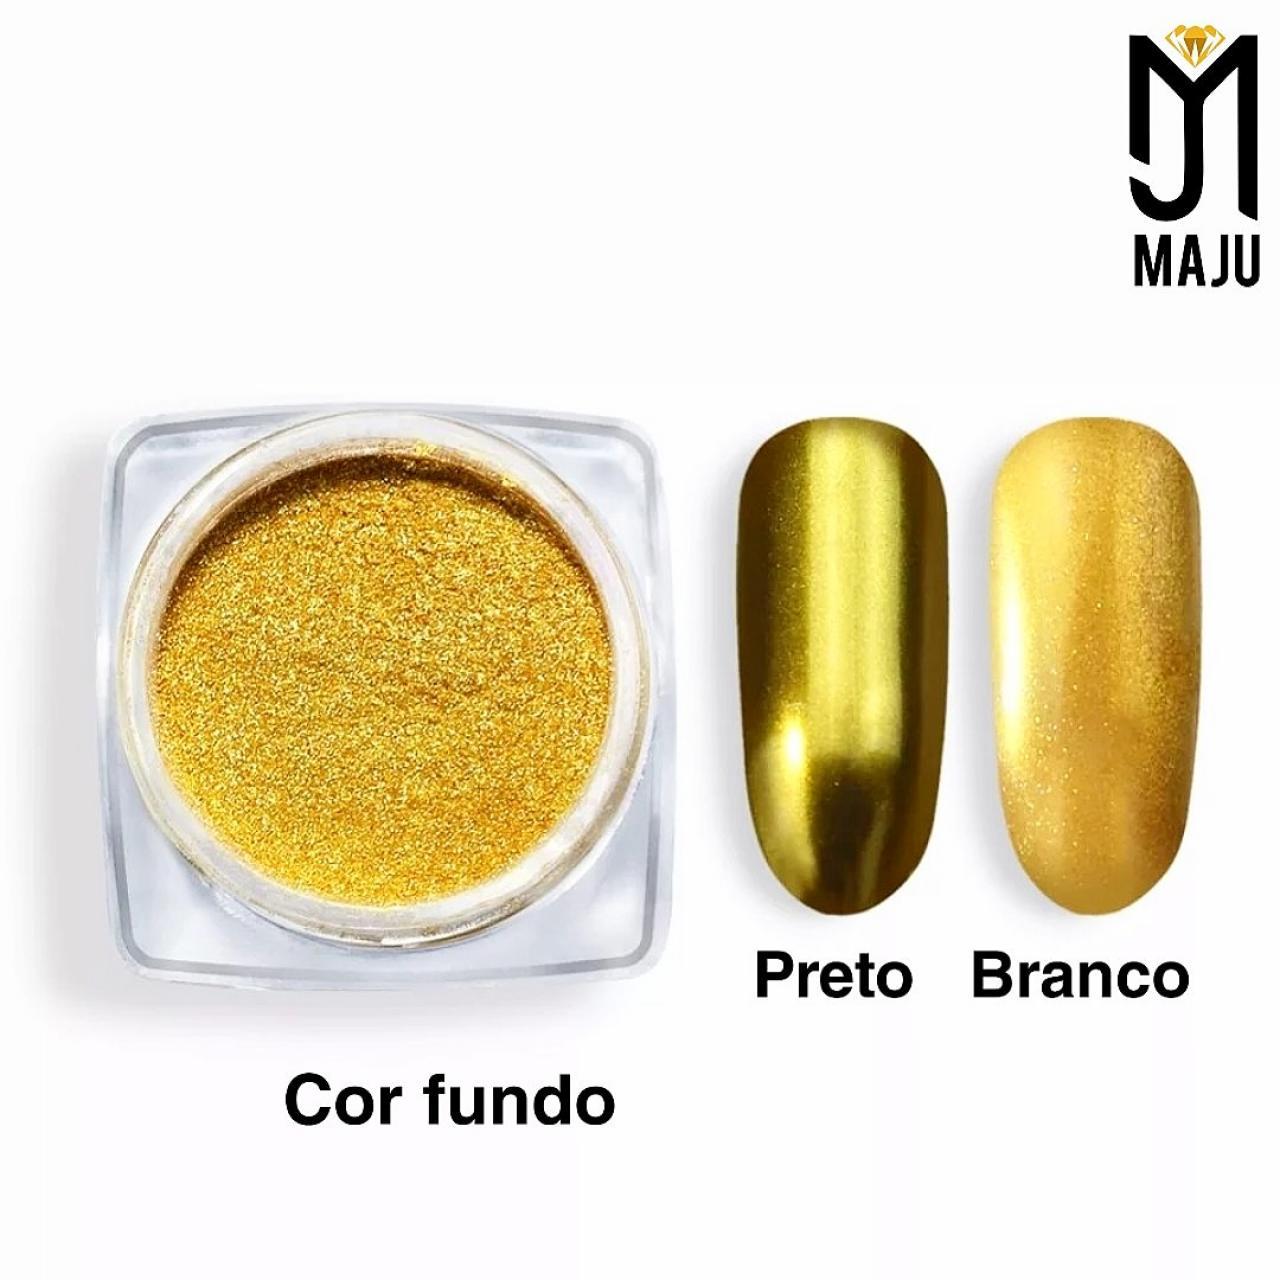 GLITTER EFEITO CROMADO DOURADO + PINCEL